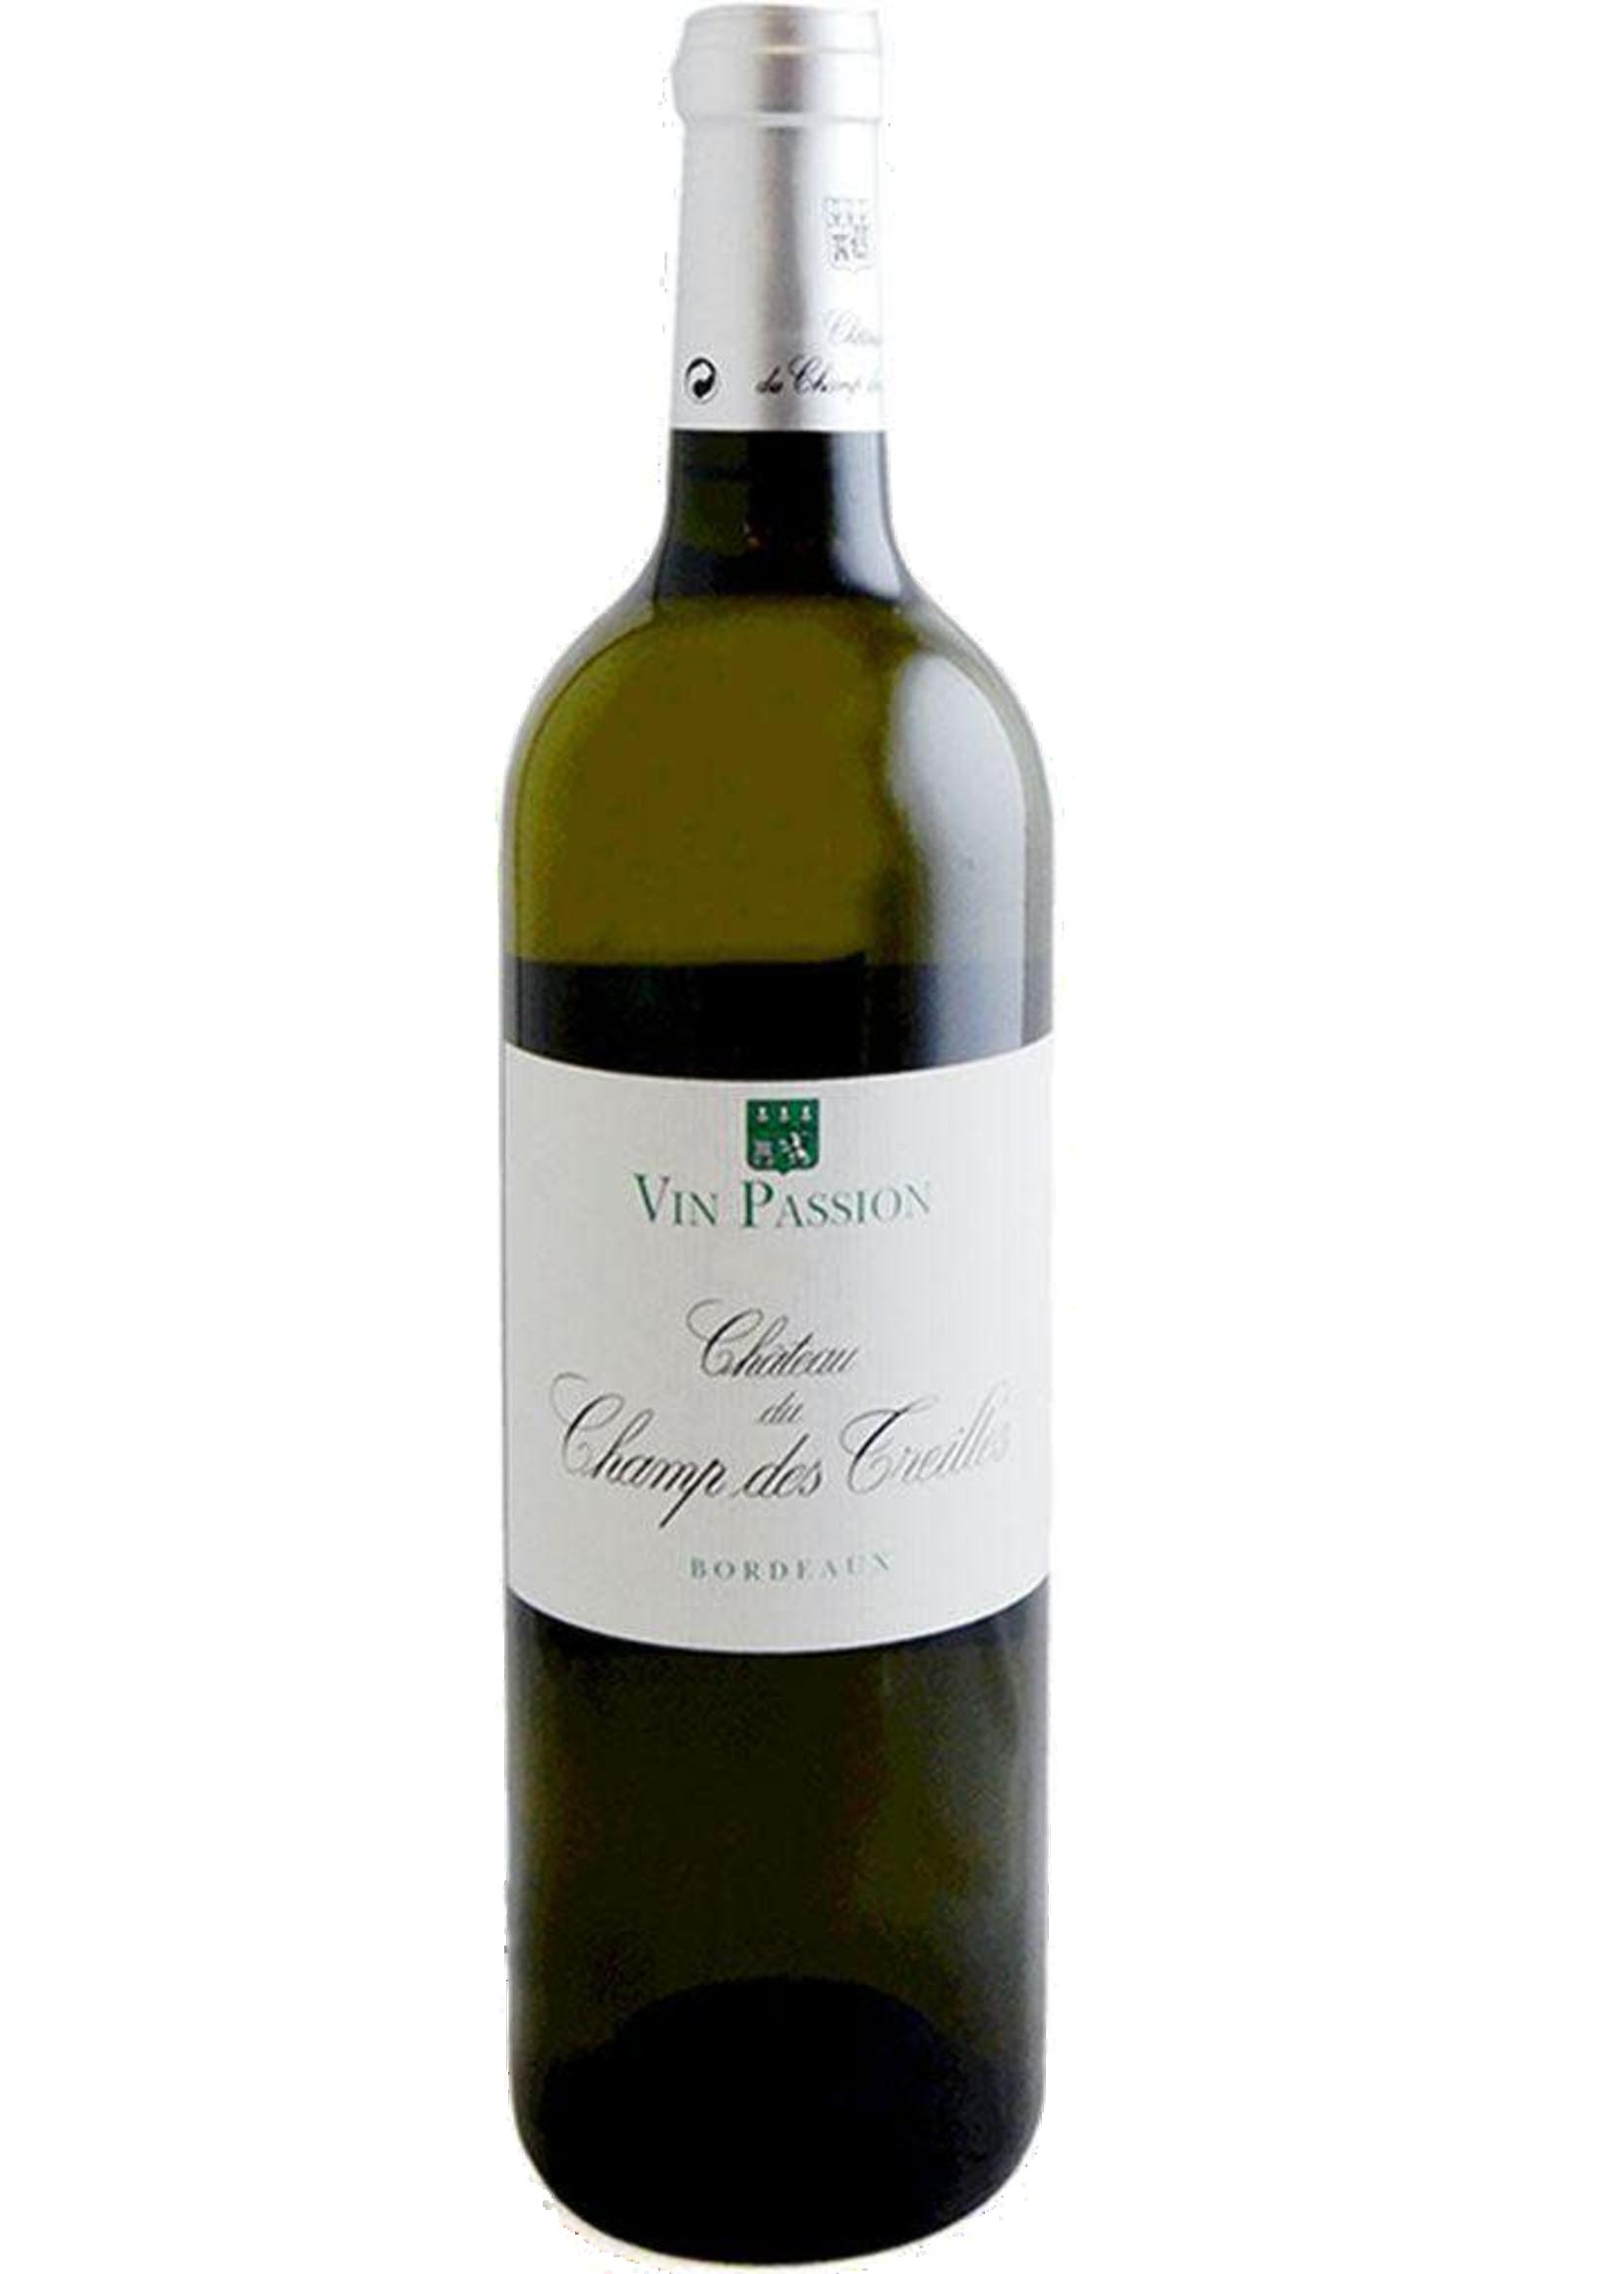 Chateau du Champ des Treilles Chateau du Champ des Treilles / Sainte-Foy Bordeaux Blanc Vin Passion (2018) / 750mL